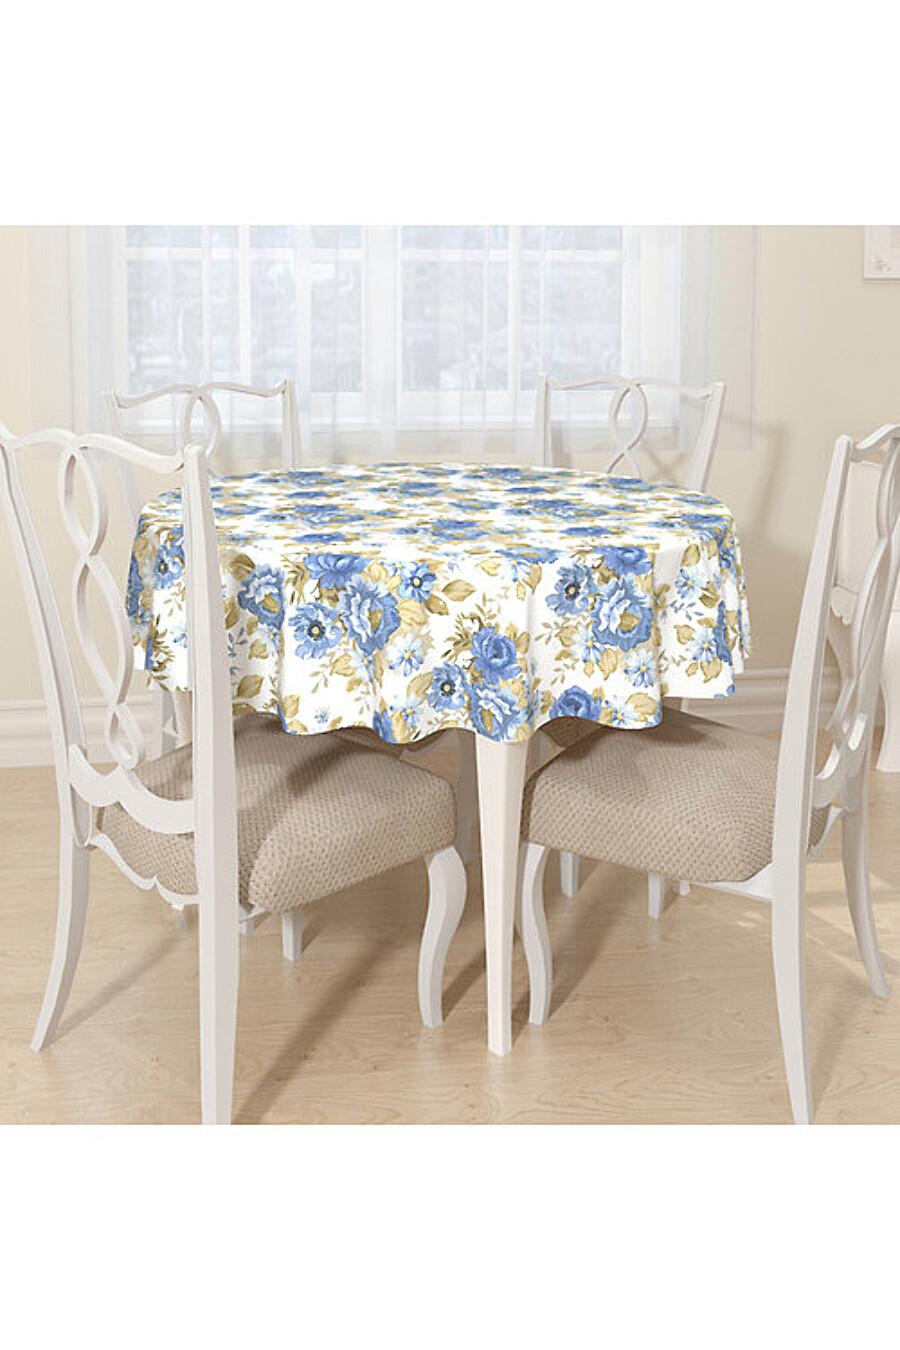 Скатерть для дома ART HOME TEXTILE 180495 купить оптом от производителя. Совместная покупка товаров для дома в OptMoyo